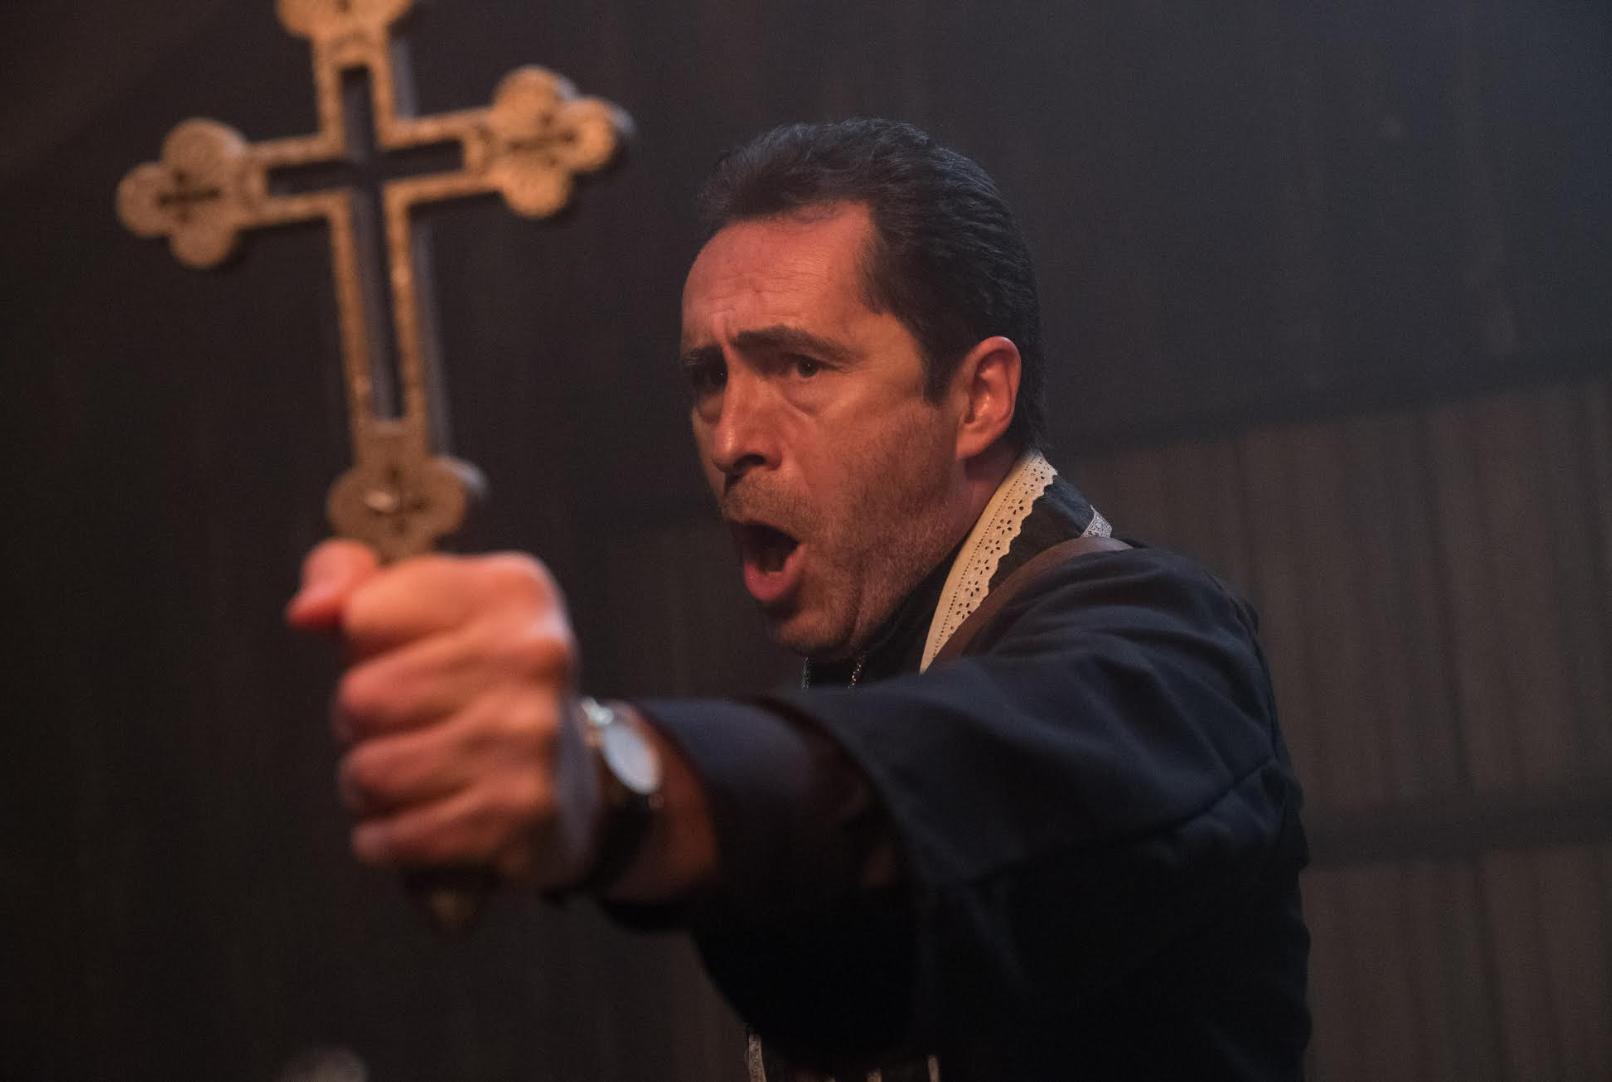 迪文畢治爾飾演的伯克神父既要查找詭修女的真相,亦要面對自己的心魔,性命岌岌可危。